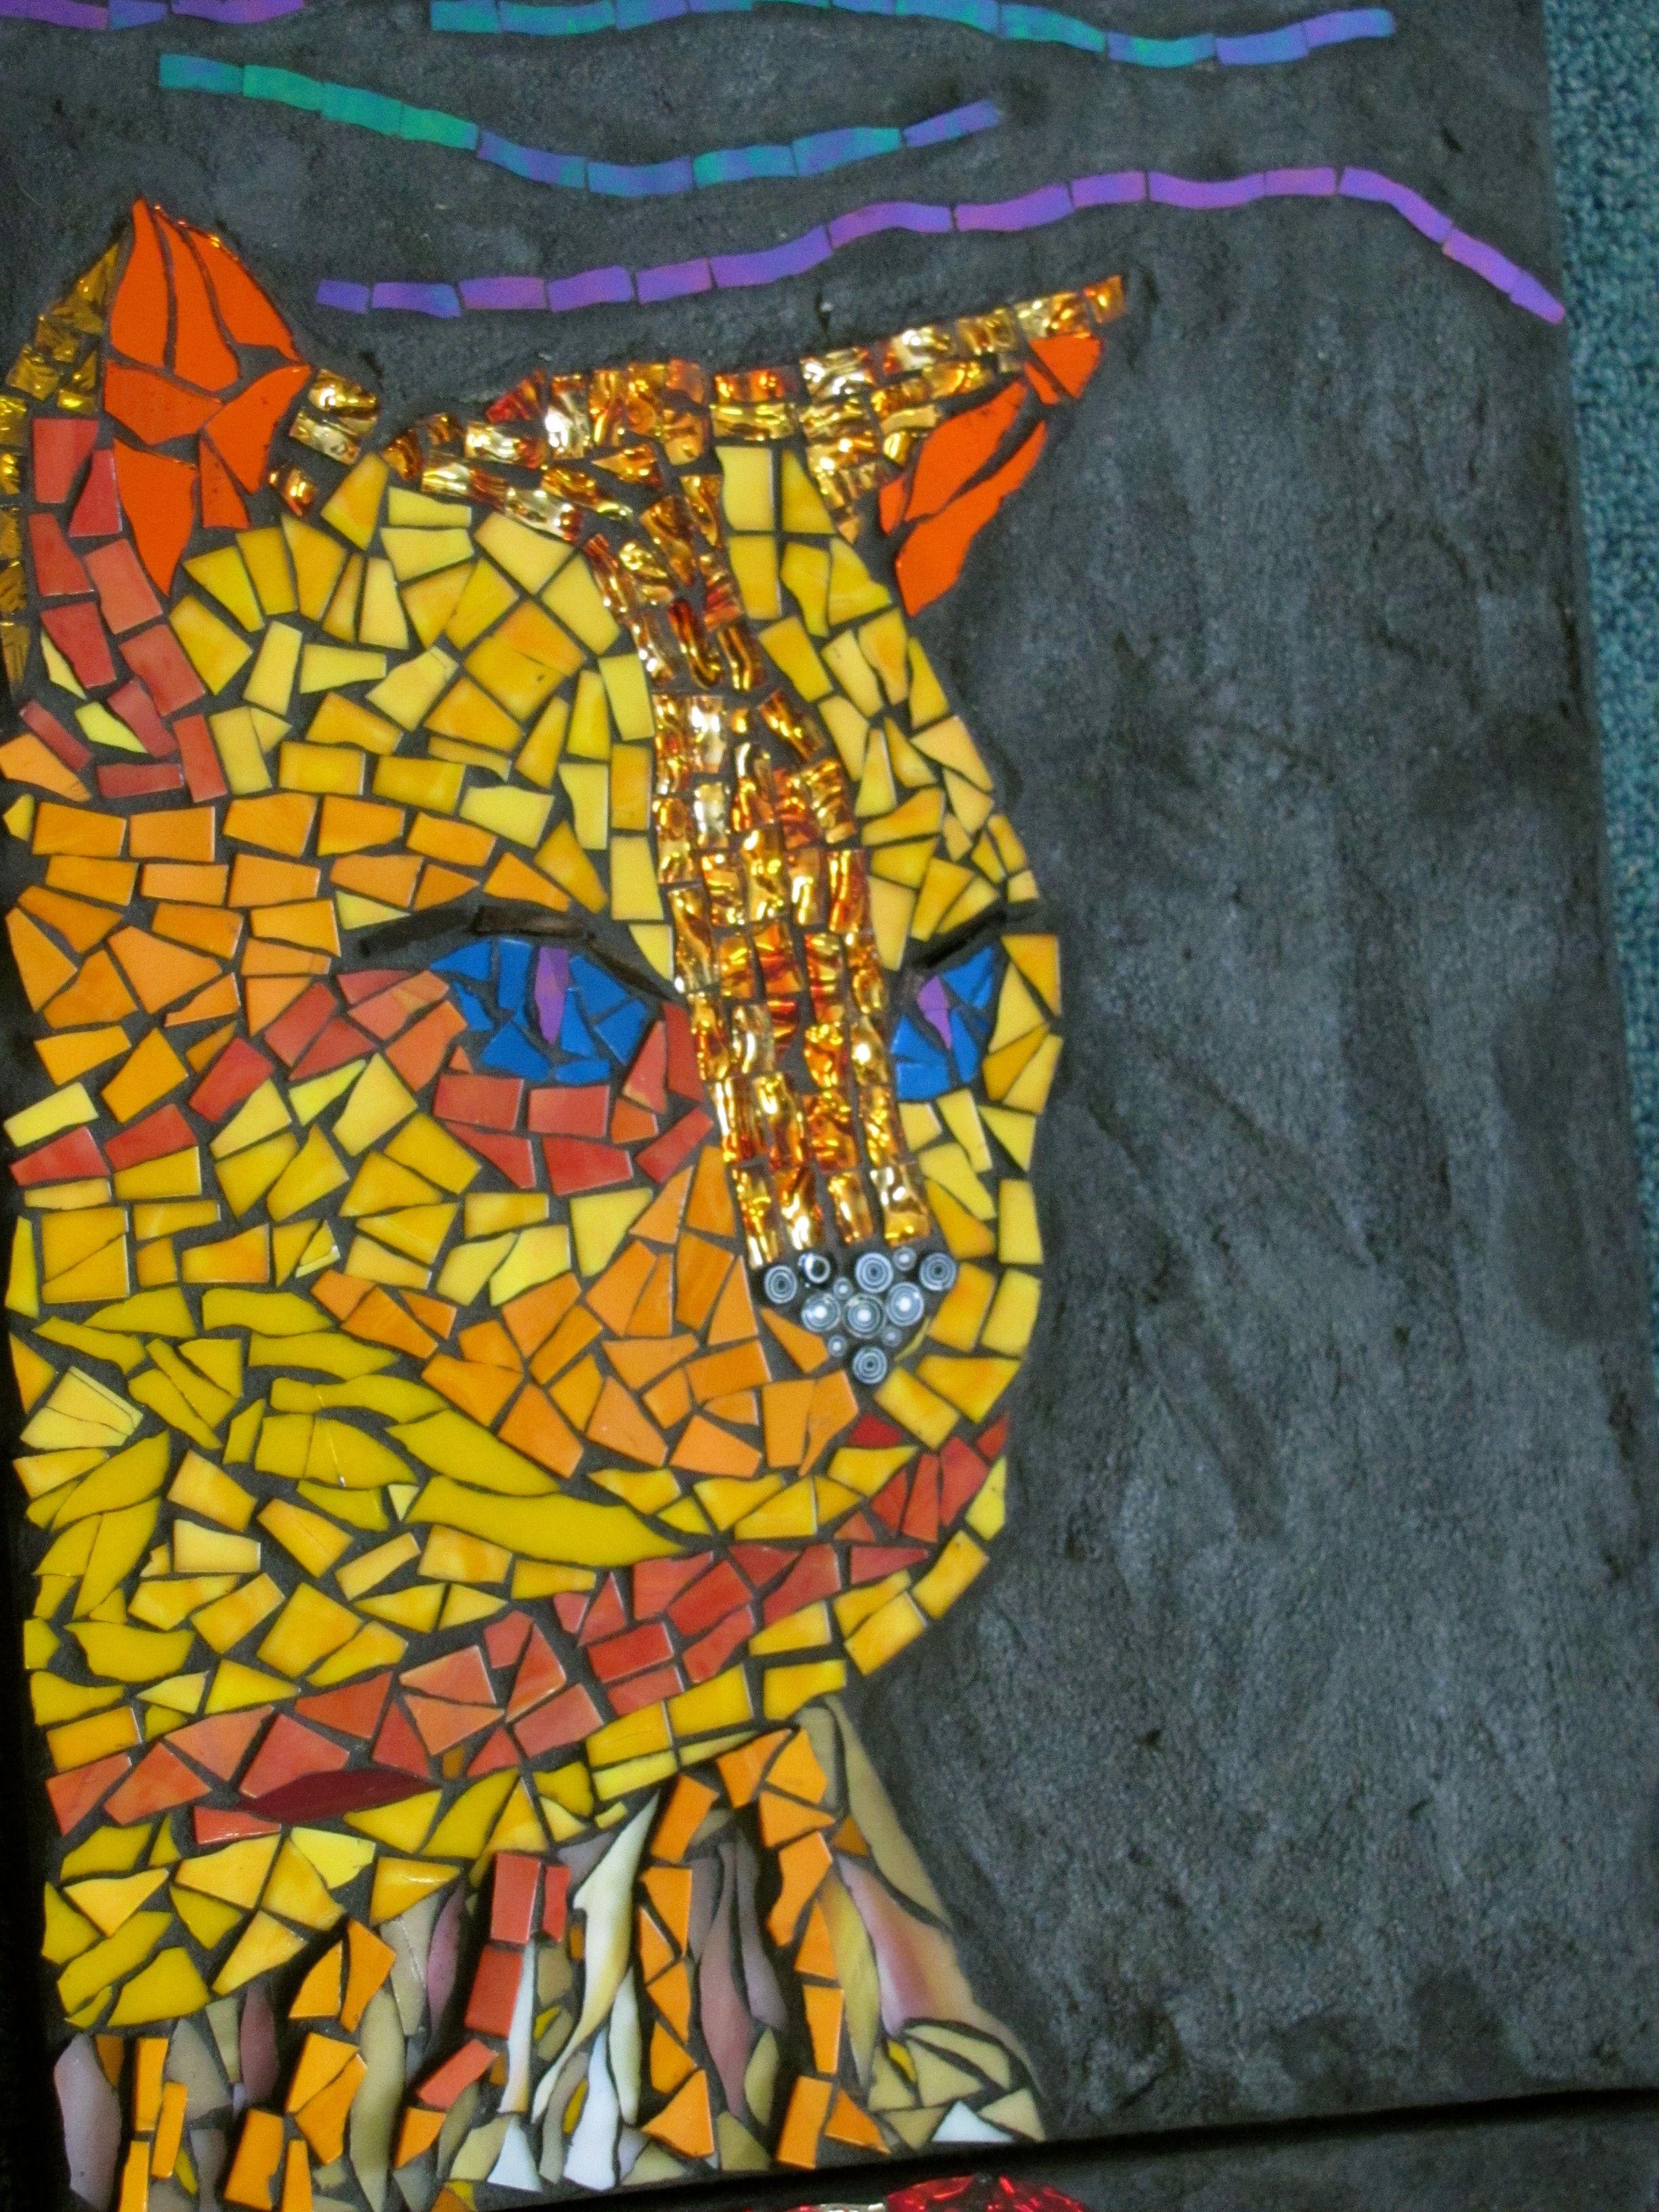 mosaic art by kat gottke | Mosaics | Pinterest | Mosaics